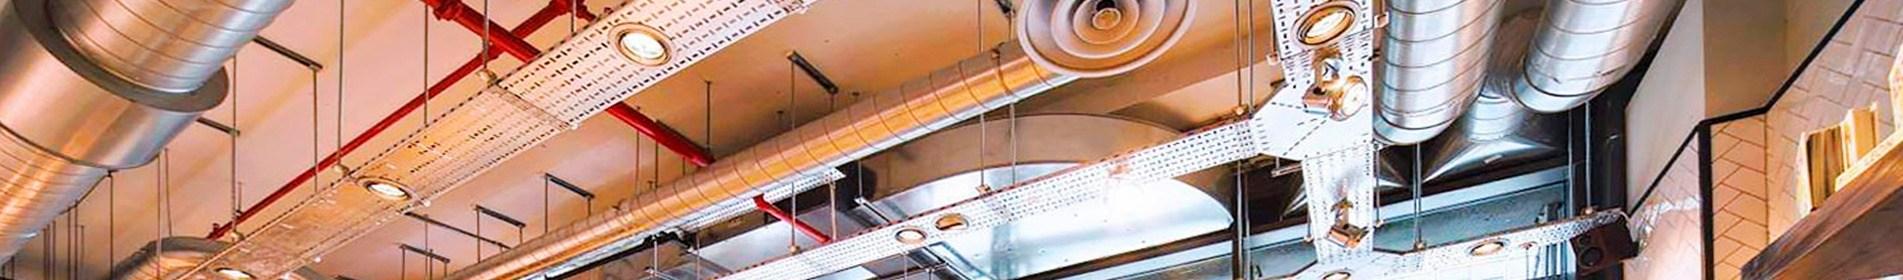 Обслуживание систем вентиляции кафе и ресторанов